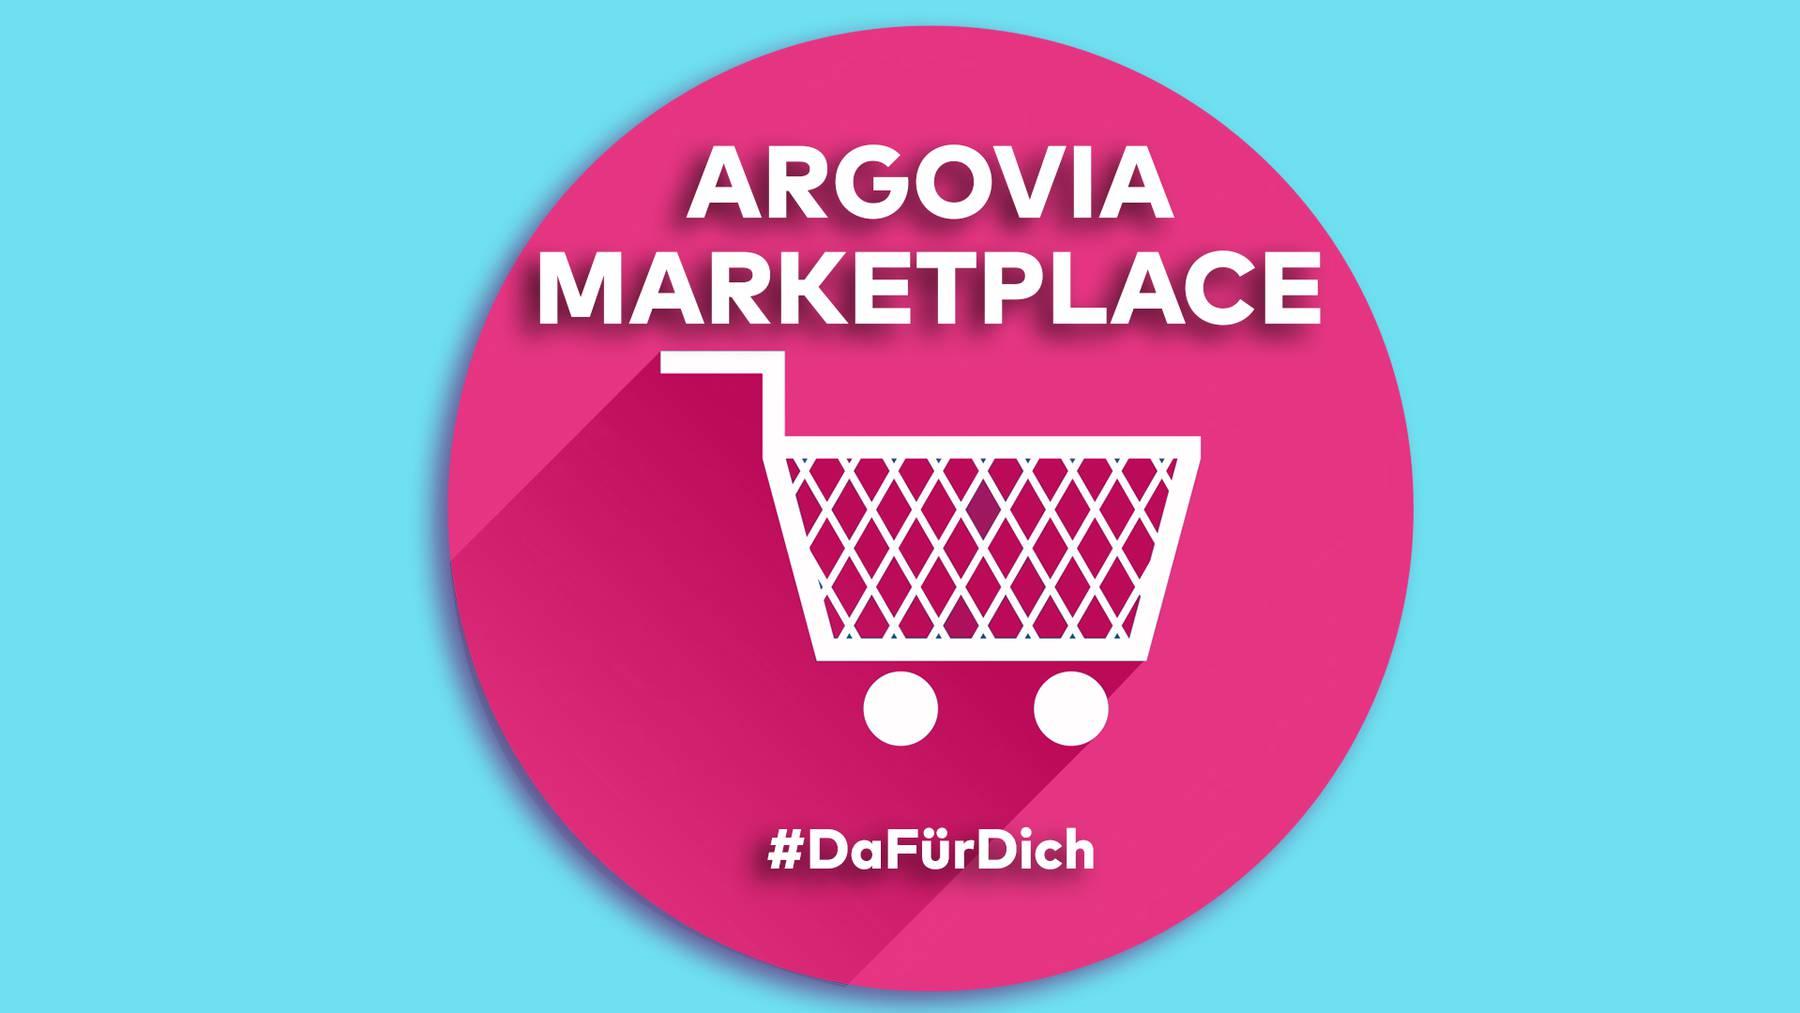 Argovia-Market-Place mit #dafürdich